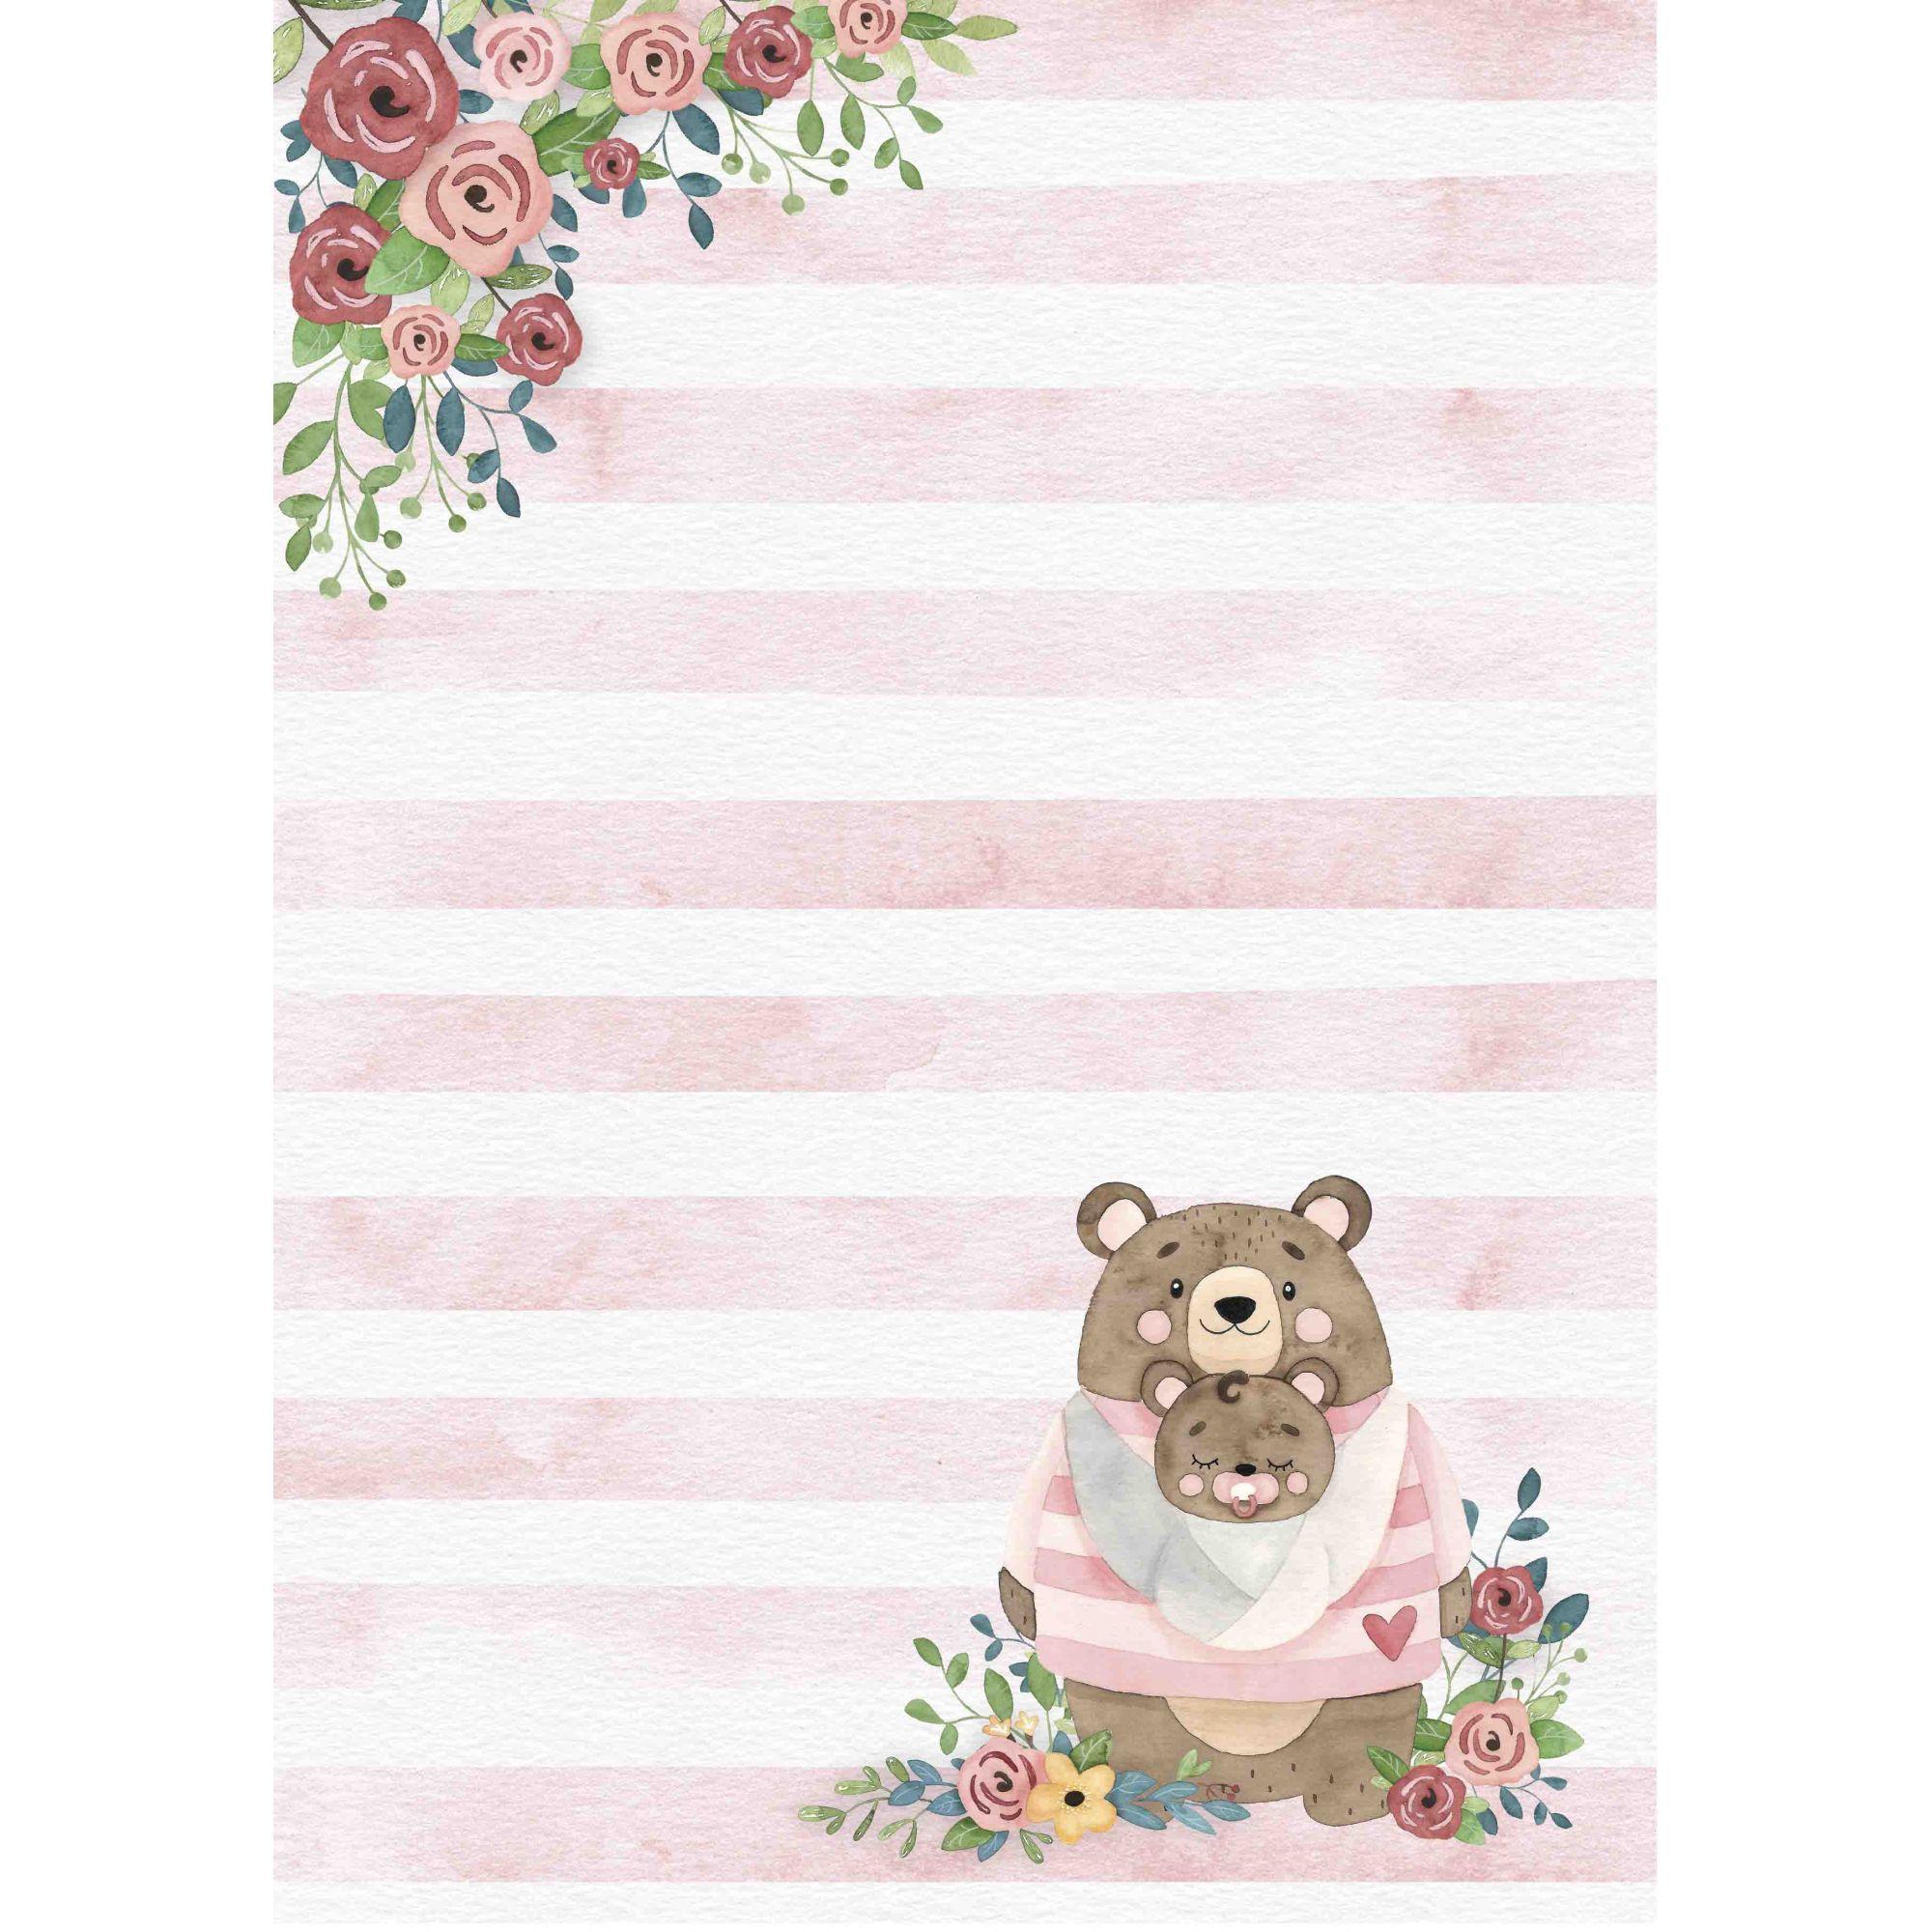 Bloco de Folhas A4 - Coleção Abraço de Urso by Estúdio 812  / JuJu Scrapbook  - JuJu Scrapbook